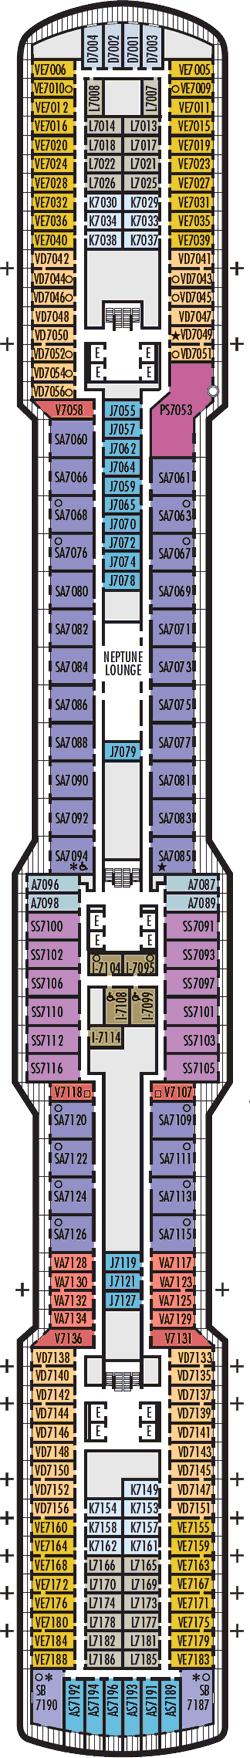 Rotterdam Schubert Deck Deck Plan